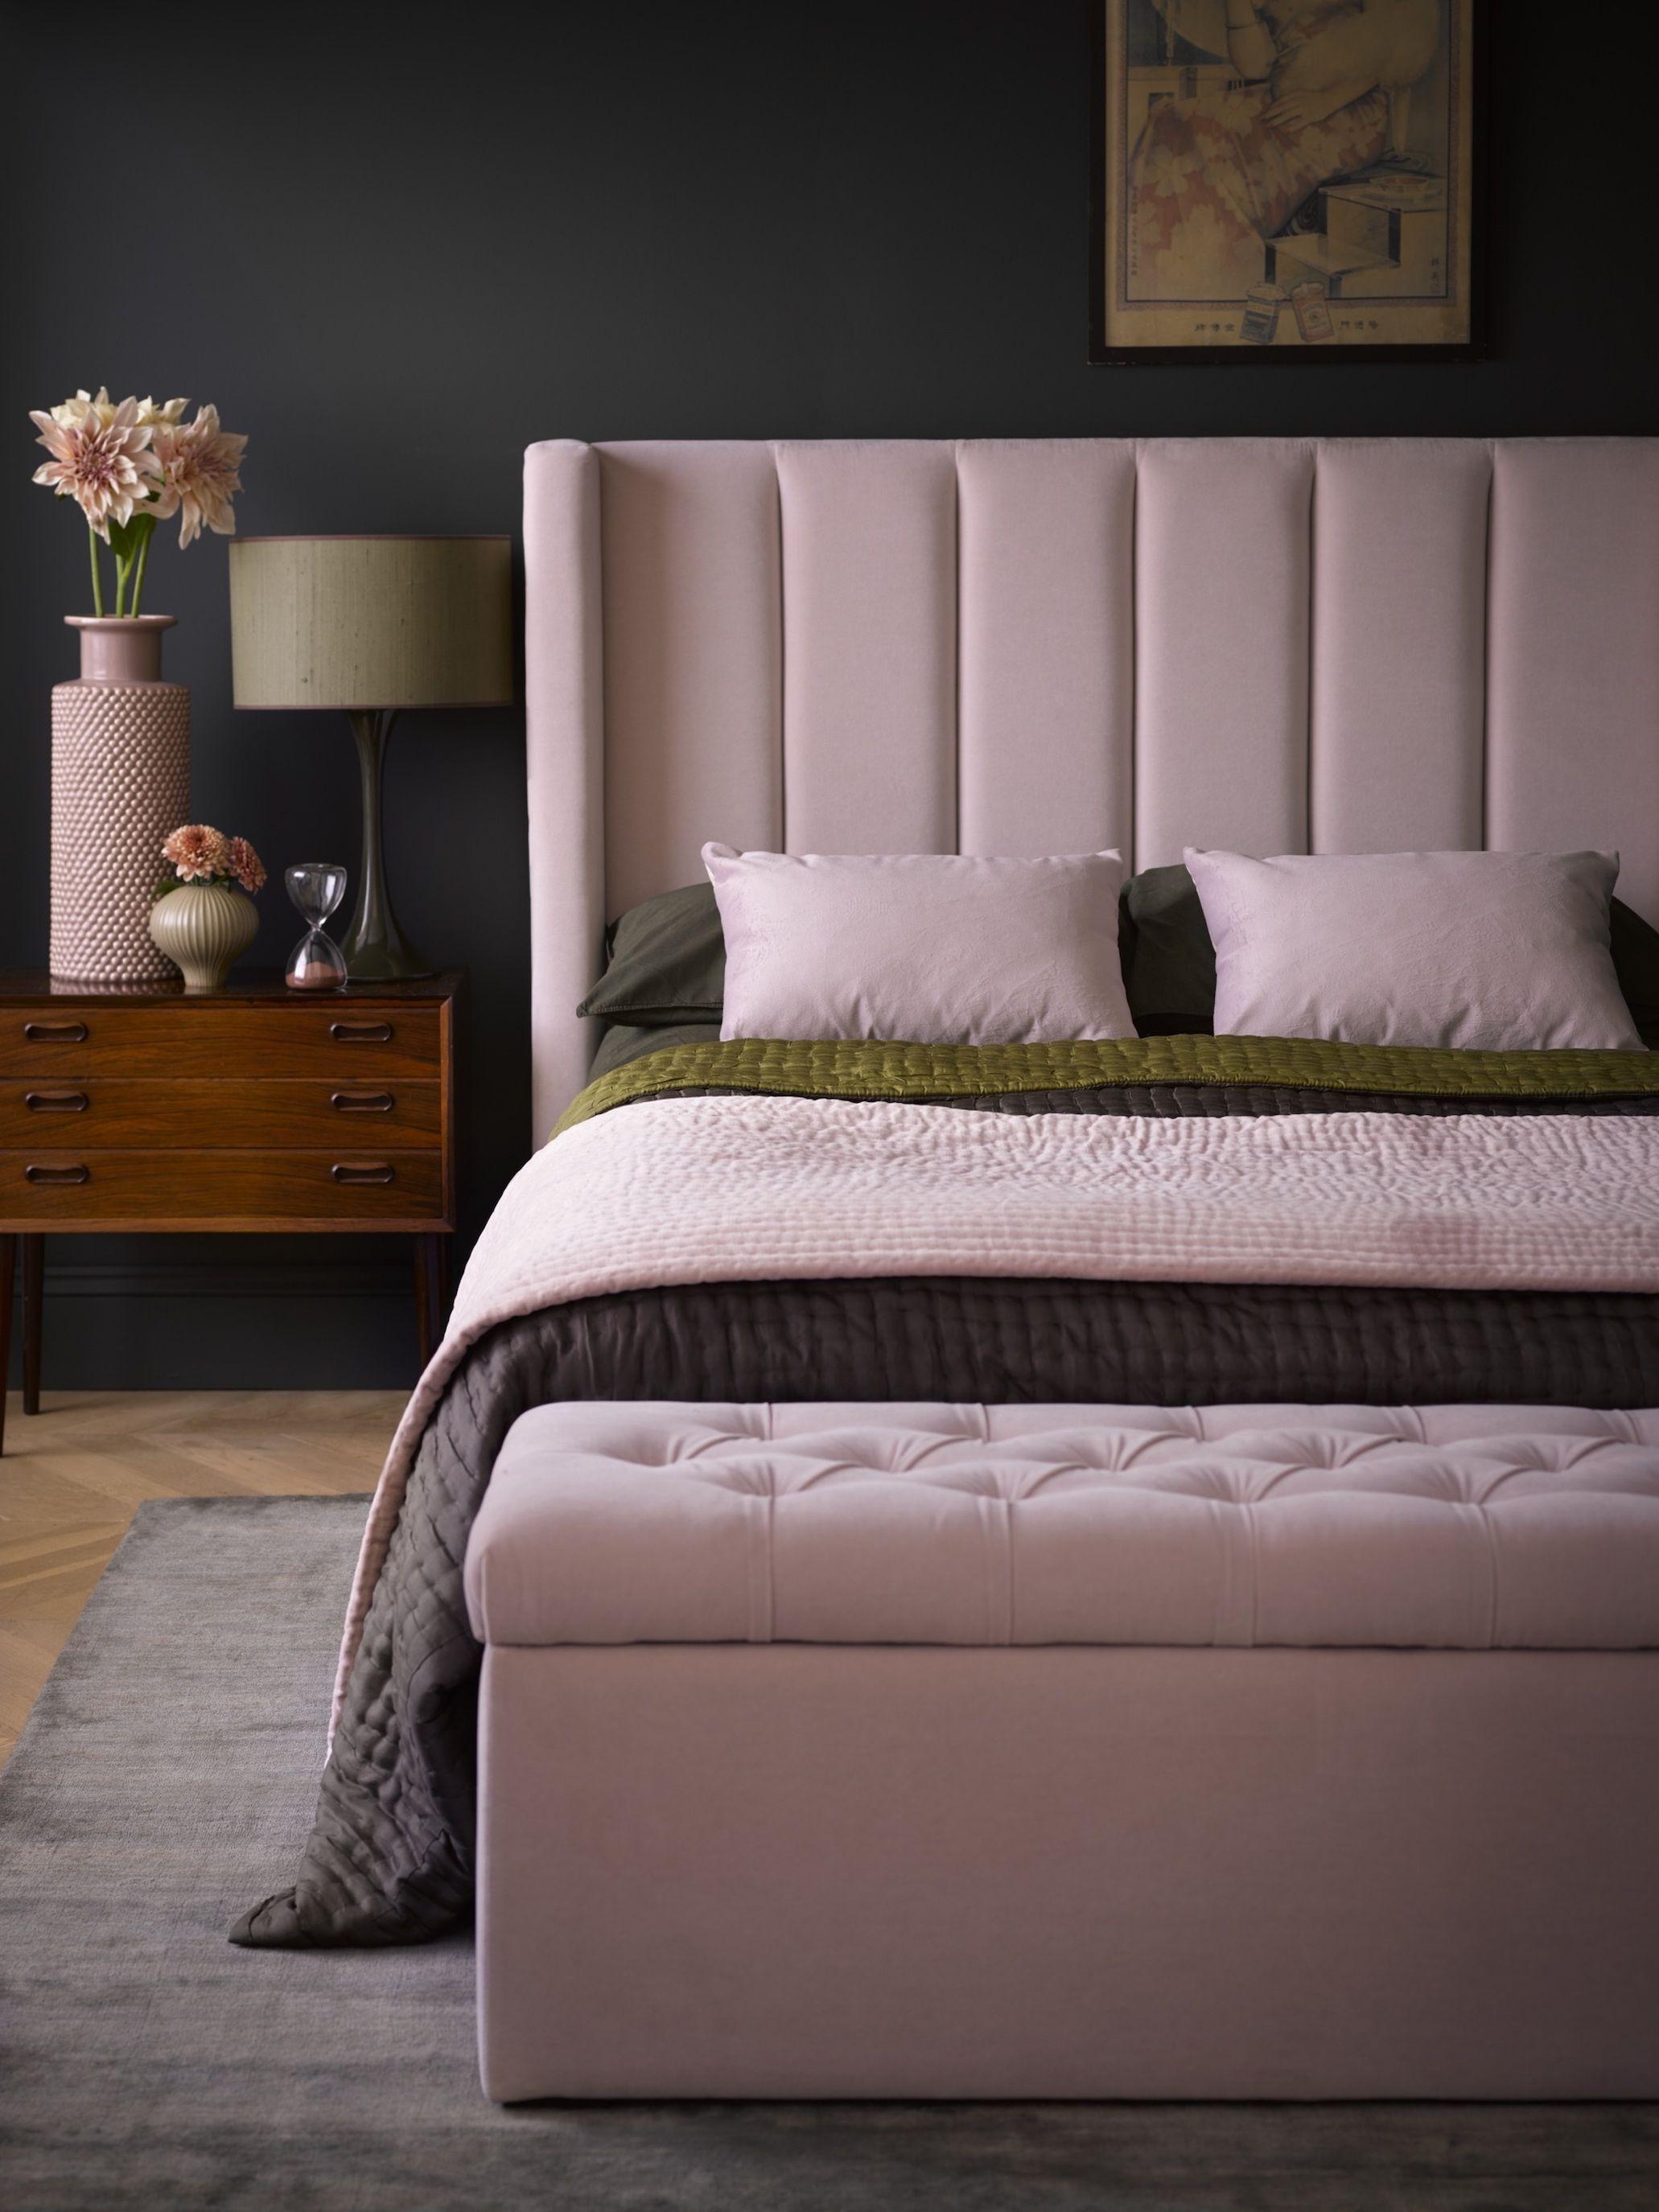 10 Master Bedroom Ideas - Bedroom Decor Ideas